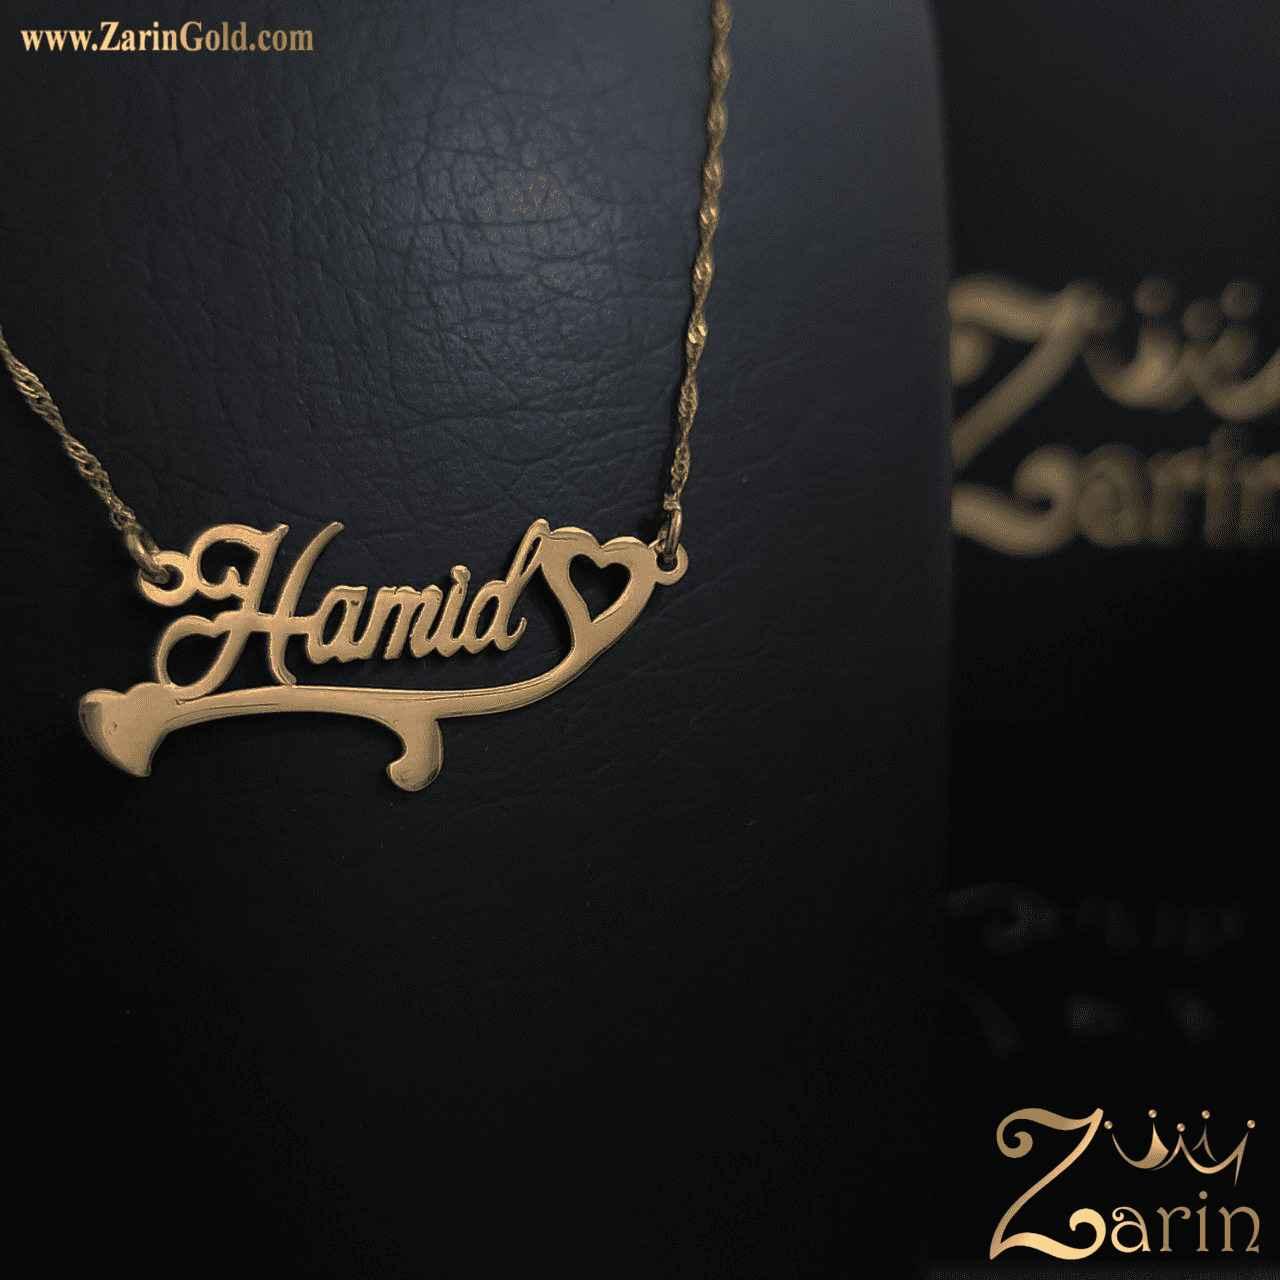 پلاک طلا اسم حمید انگلیسی با زنجیر